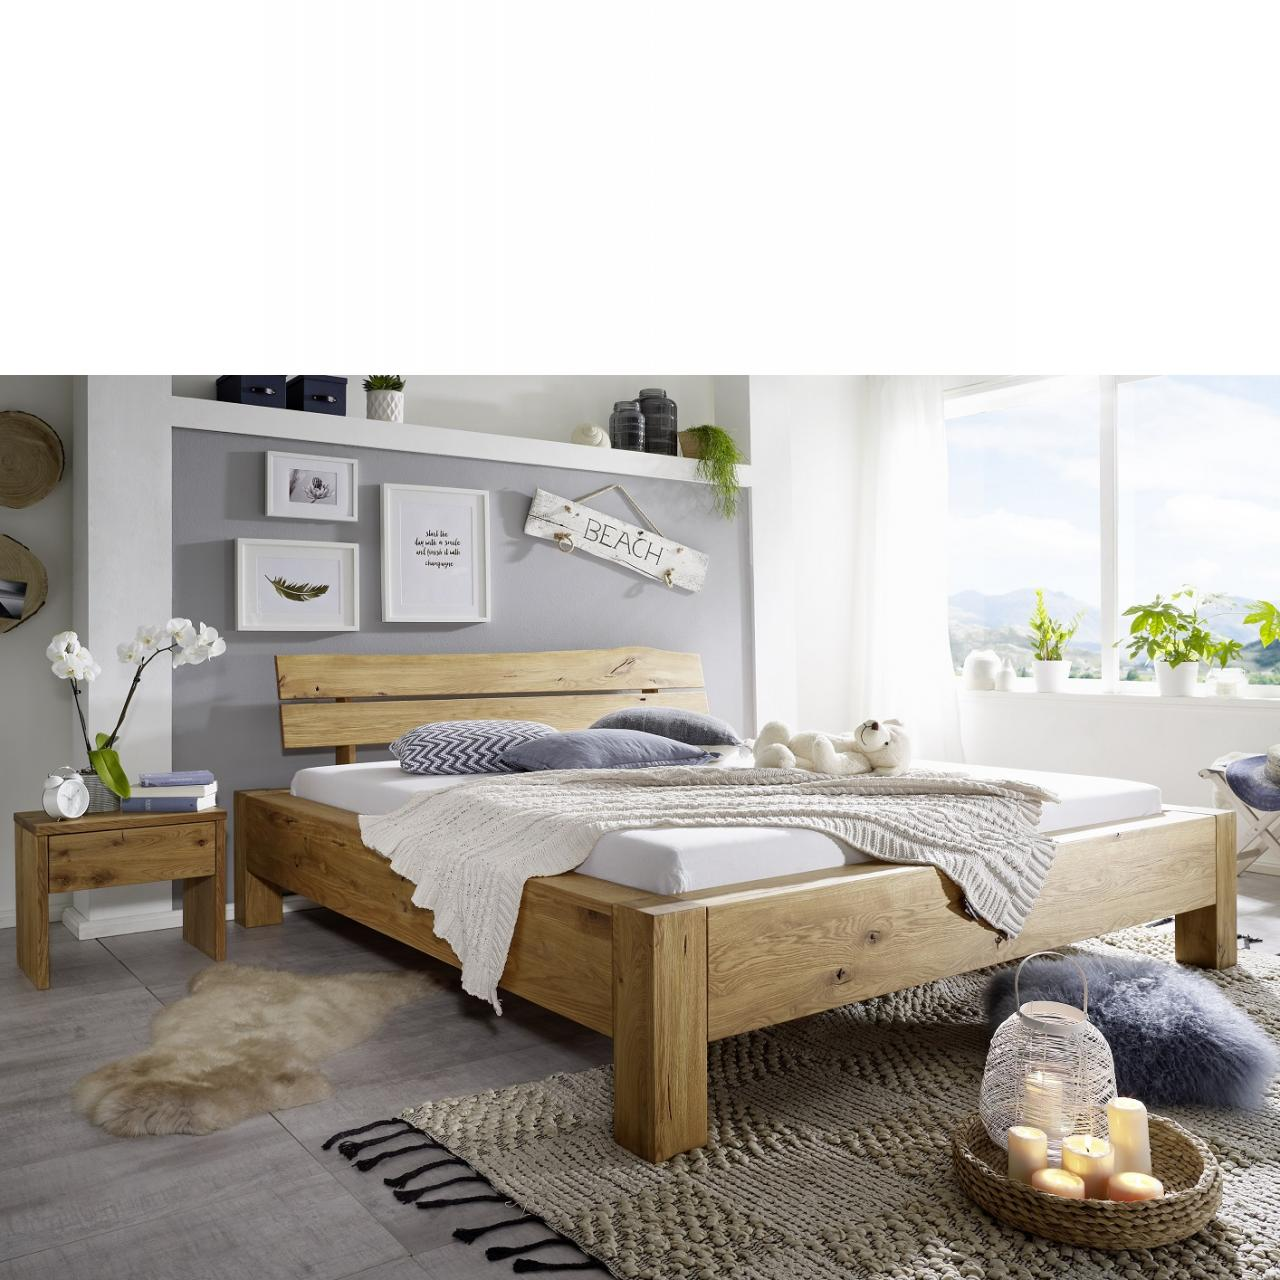 Bett BE-0233 Wildeiche Geölt Massiv Kopfteil Baumkante Schlafzimmer